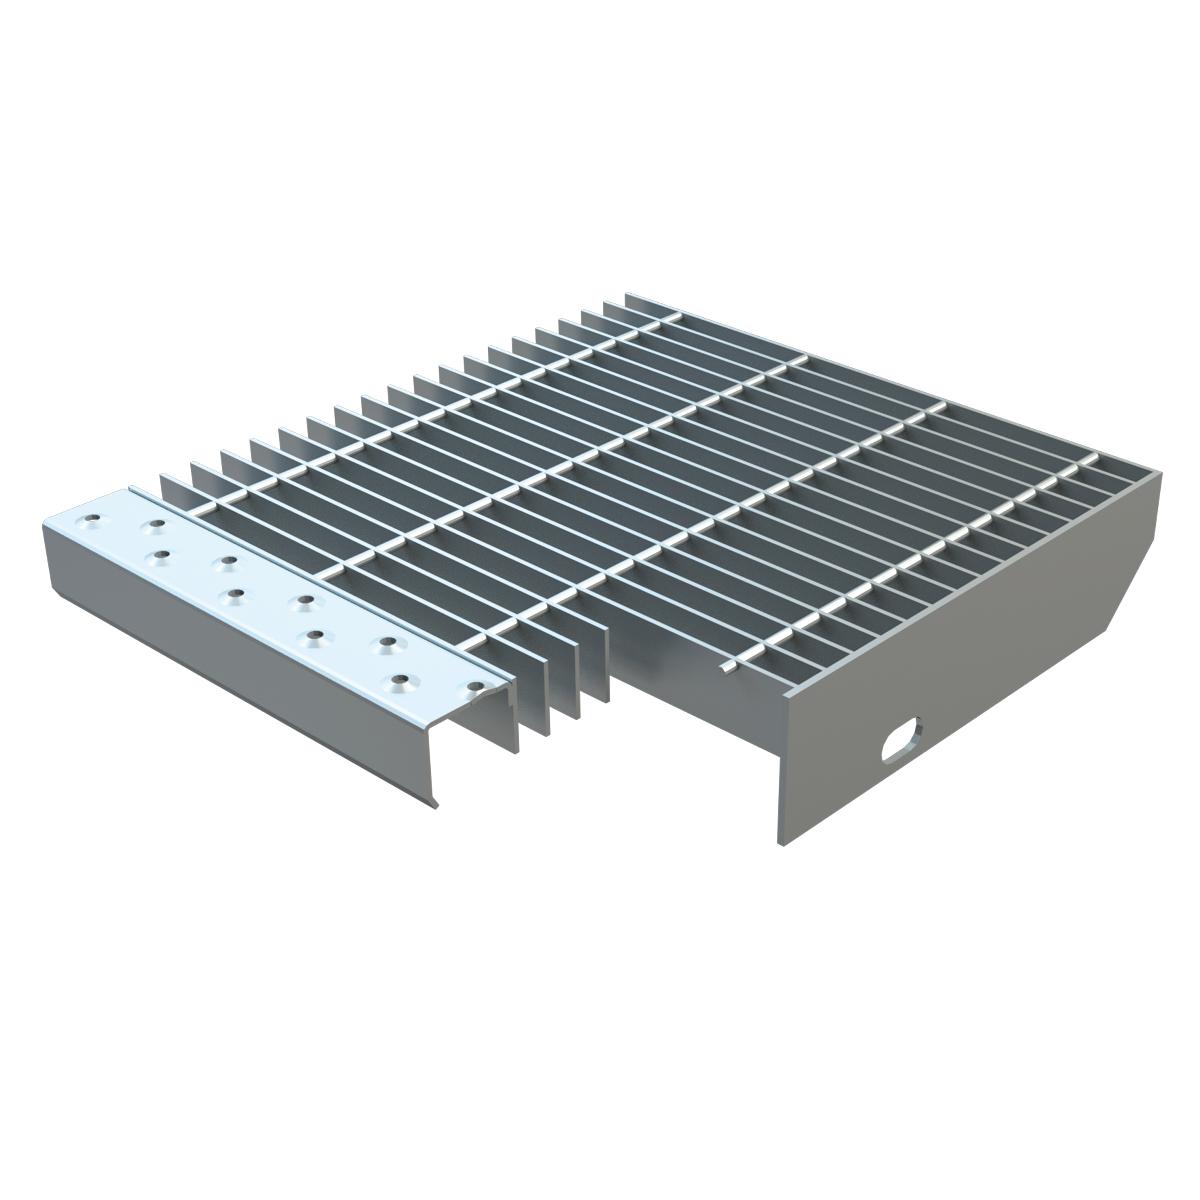 Defim orsogril grigliati gradini standard for Gradini per scale esterne